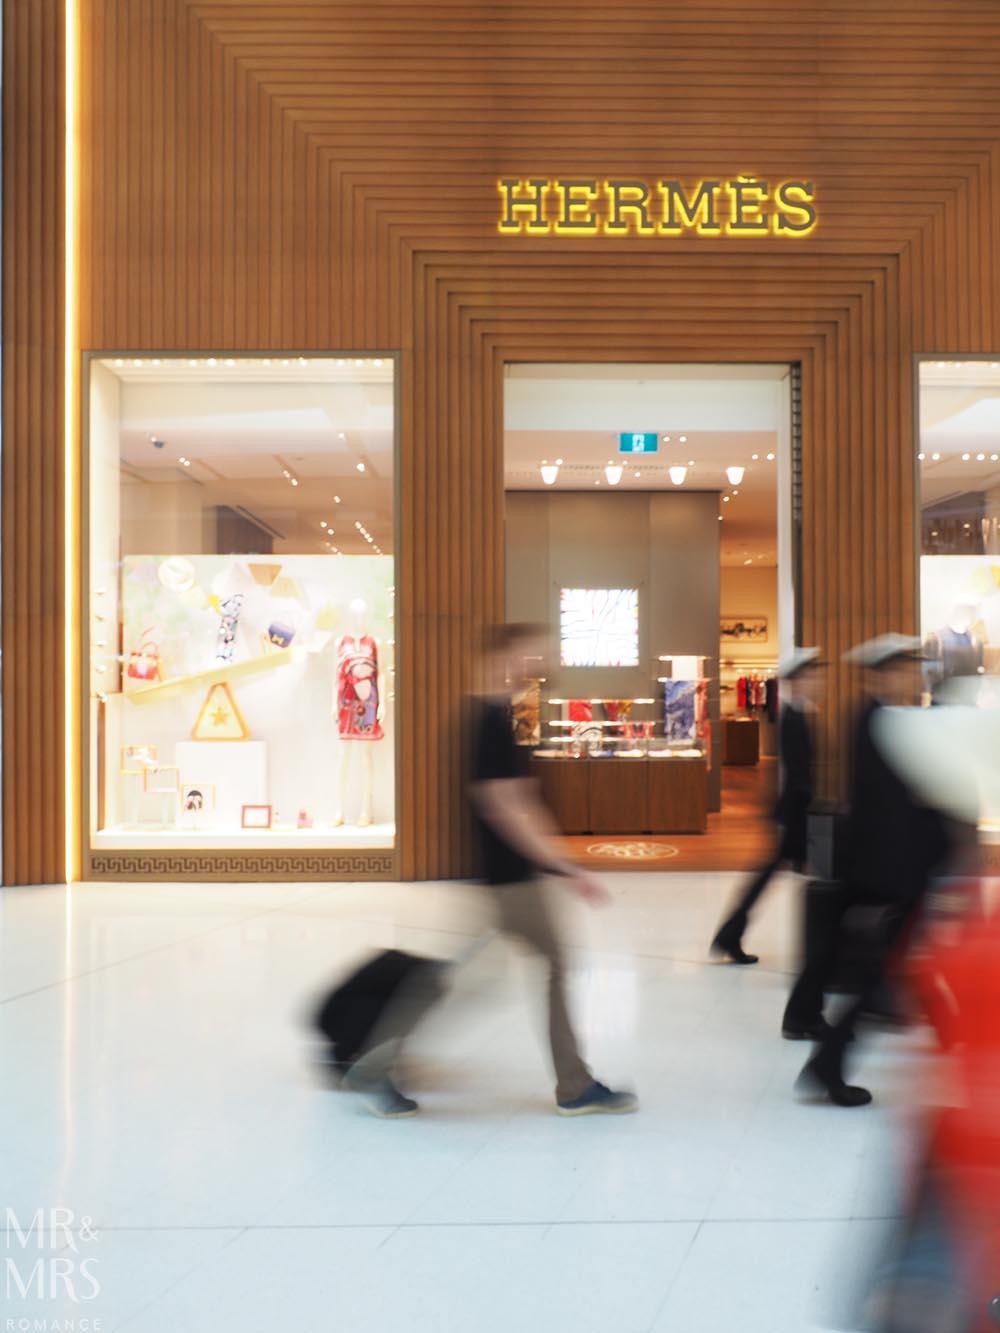 Sydney Airport guide - #wortharrivingearlyfor Hermes - MMR